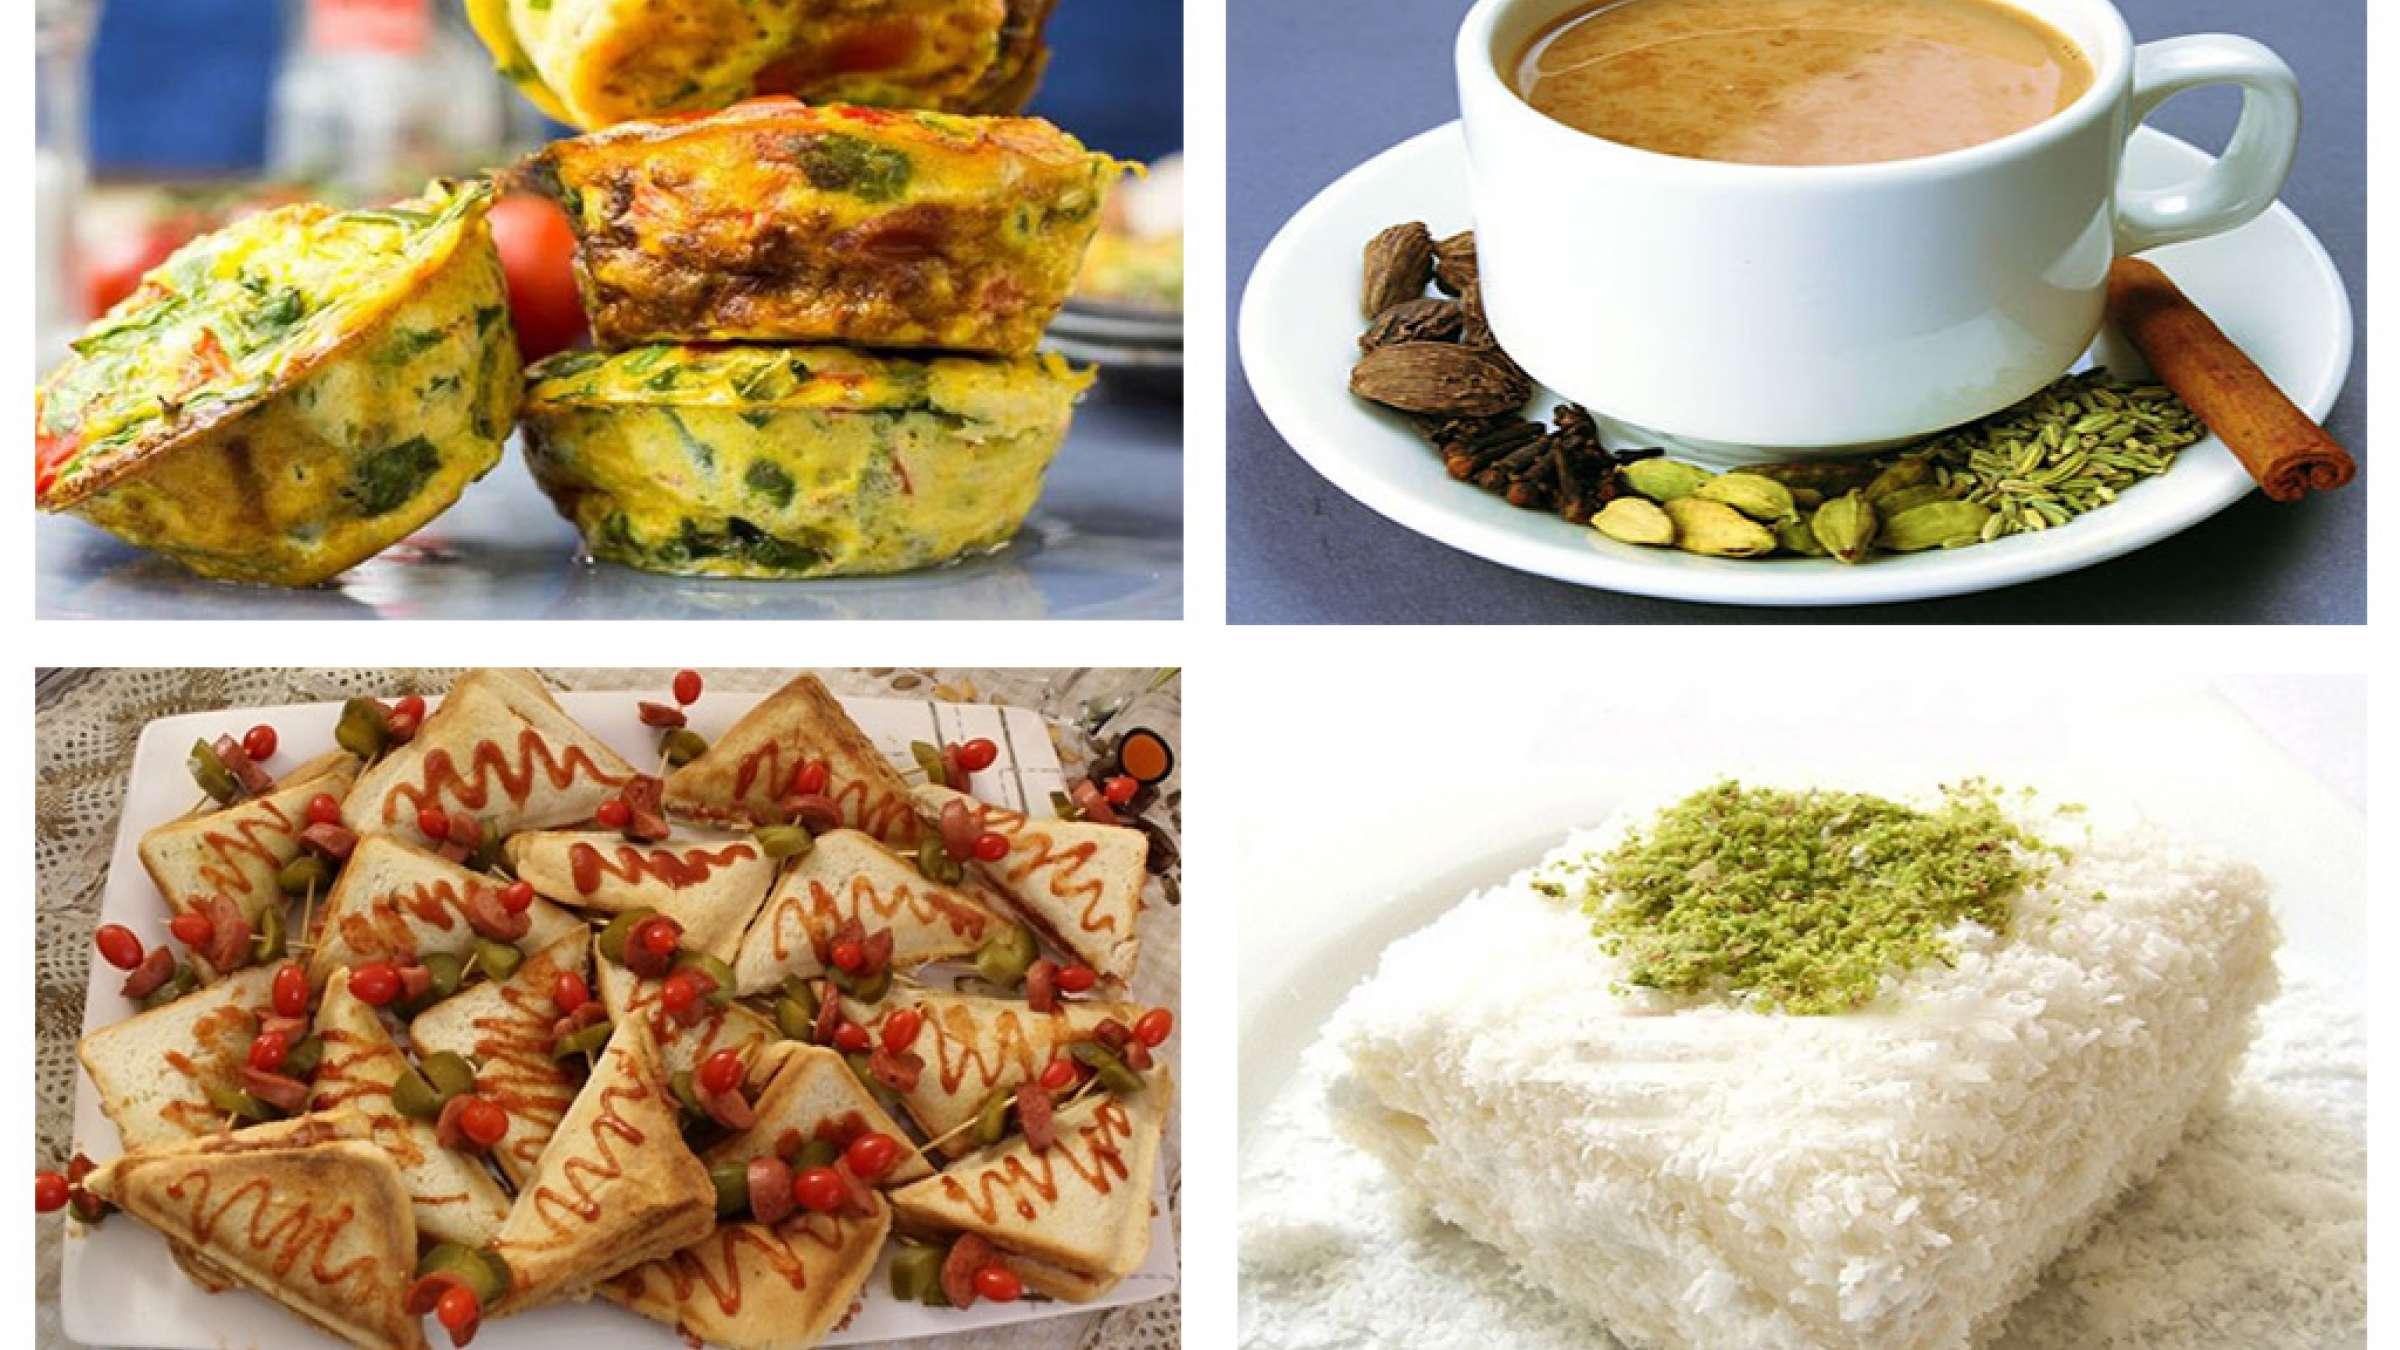 مافین-سبزیجات-ترابی-آشپزی